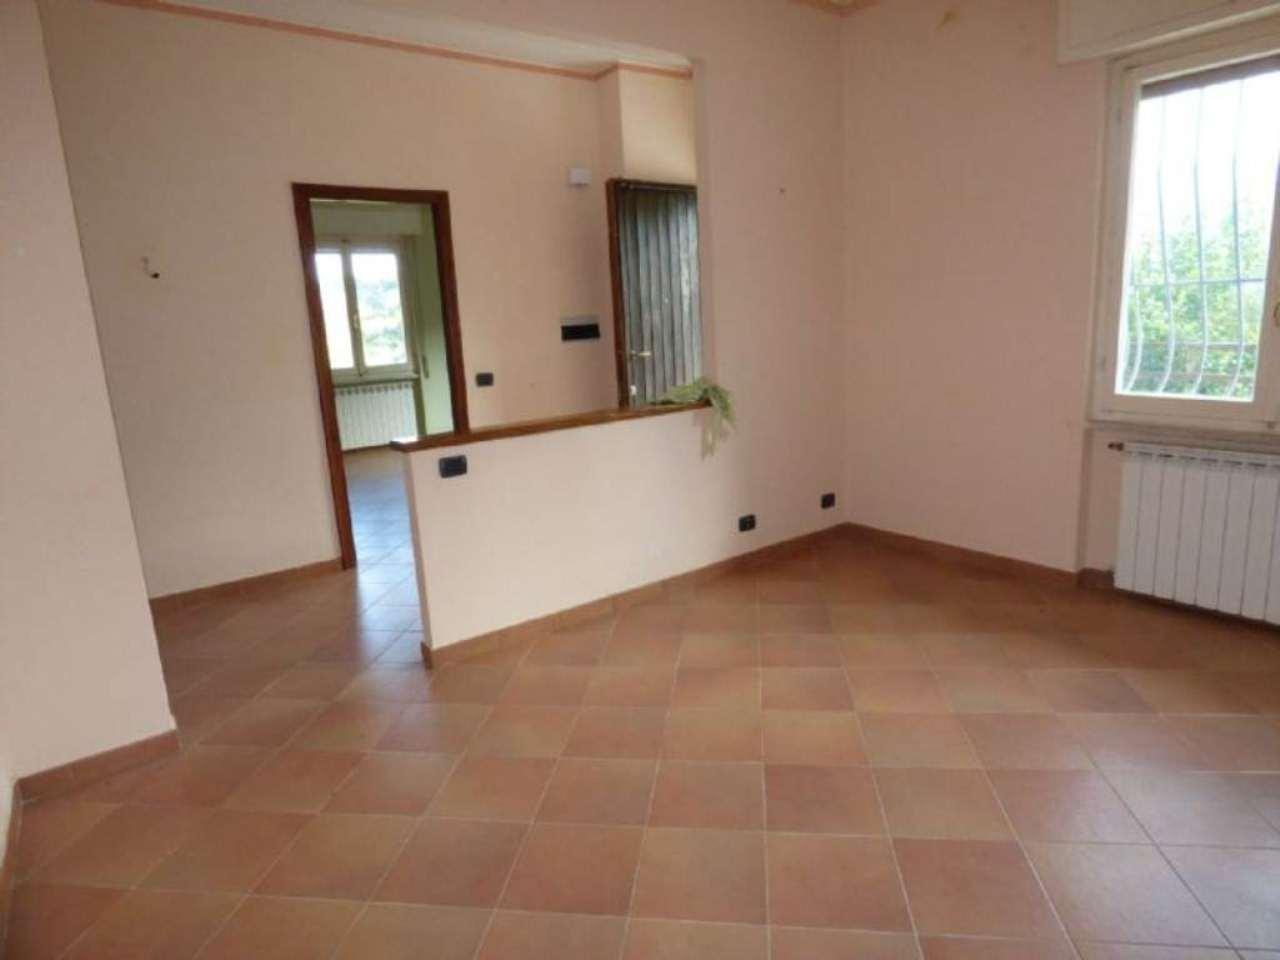 Appartamento in vendita a Cicagna, 6 locali, prezzo € 95.000 | PortaleAgenzieImmobiliari.it